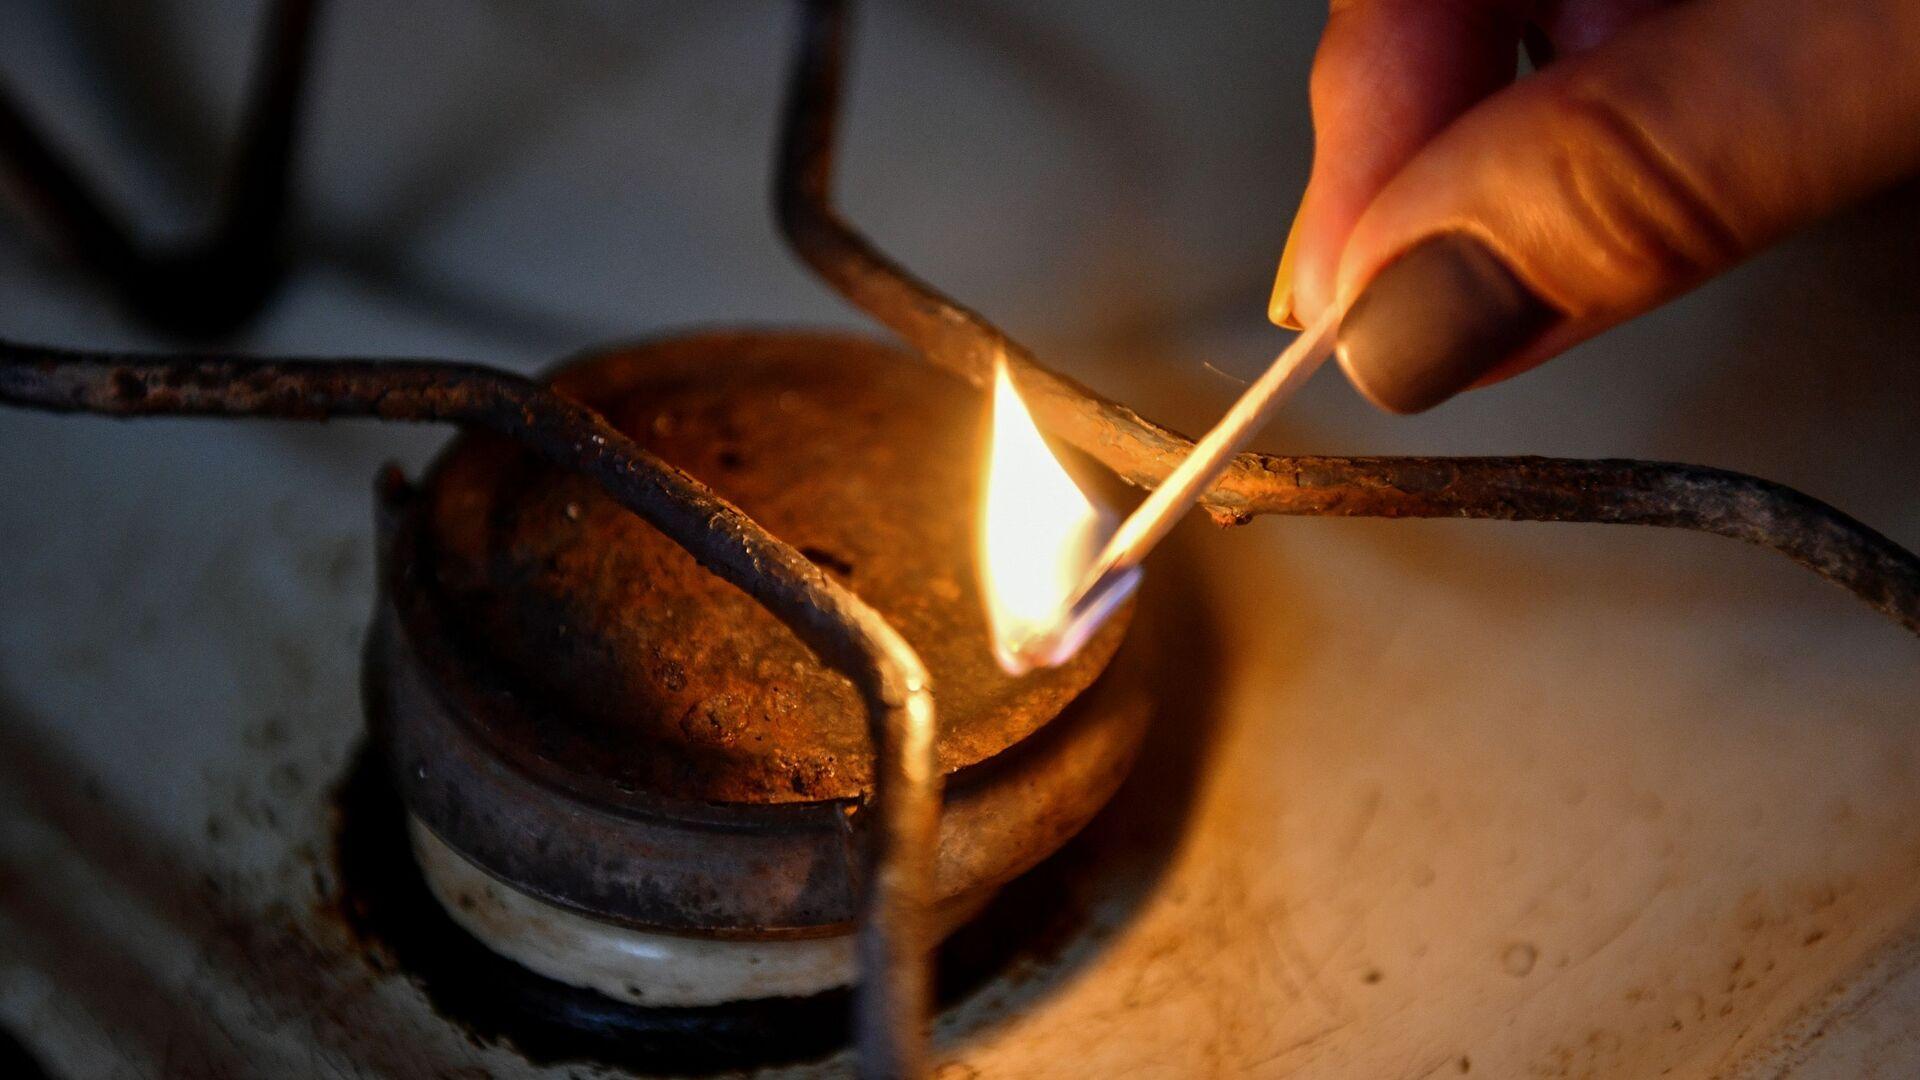 Женщина зажигает конфорку газовой плиты в жилом доме  - РИА Новости, 1920, 11.09.2021